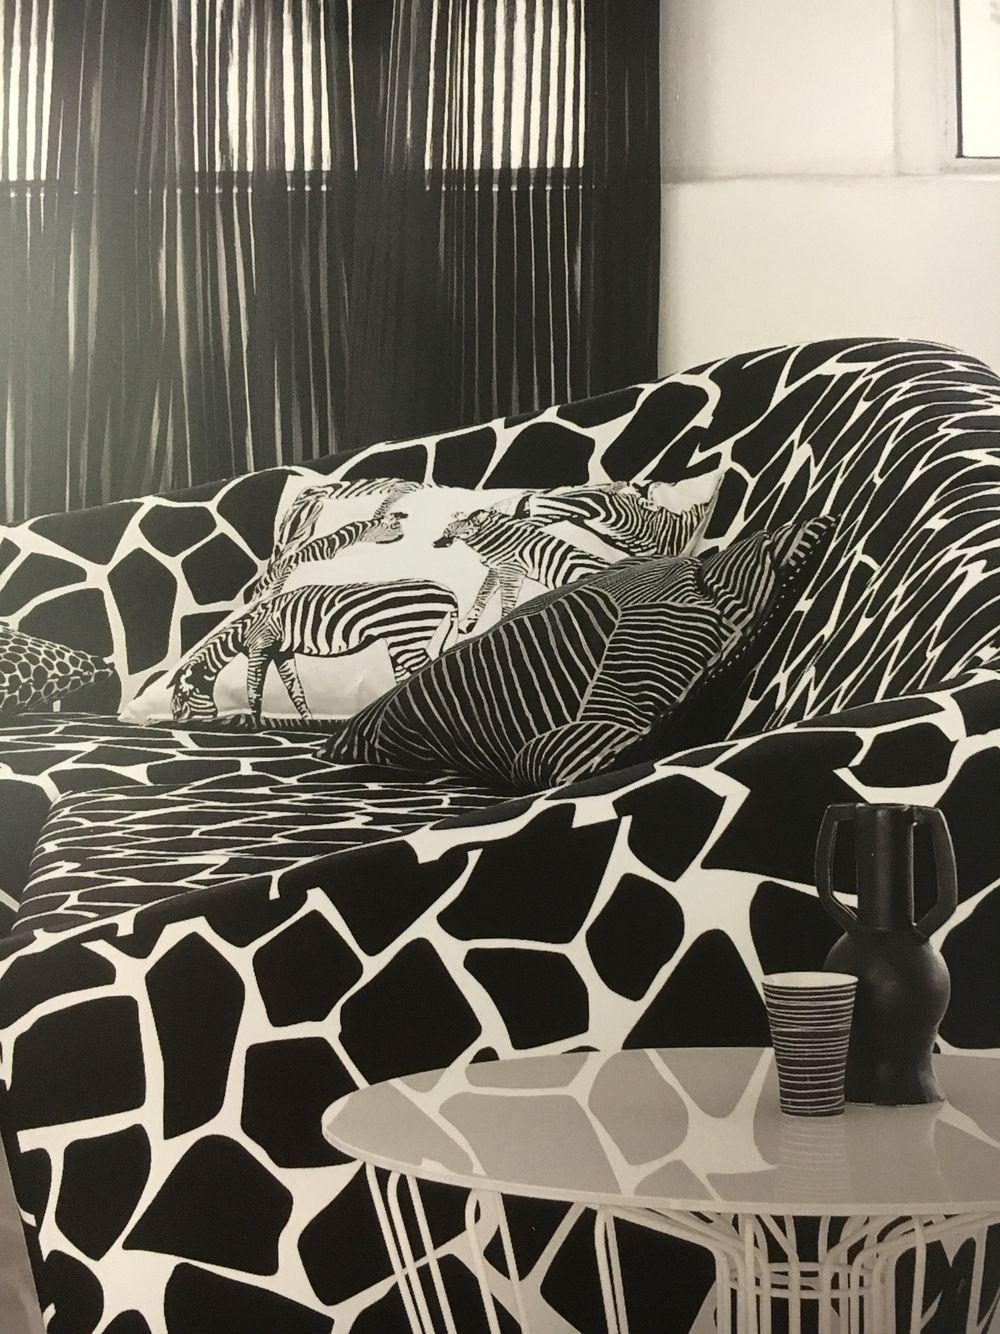 Attraktiv Plissee 140 Cm Breit Sammlung Von Foto: Jab Anstoetz Aus Kollektion Yin&yang! Zebra